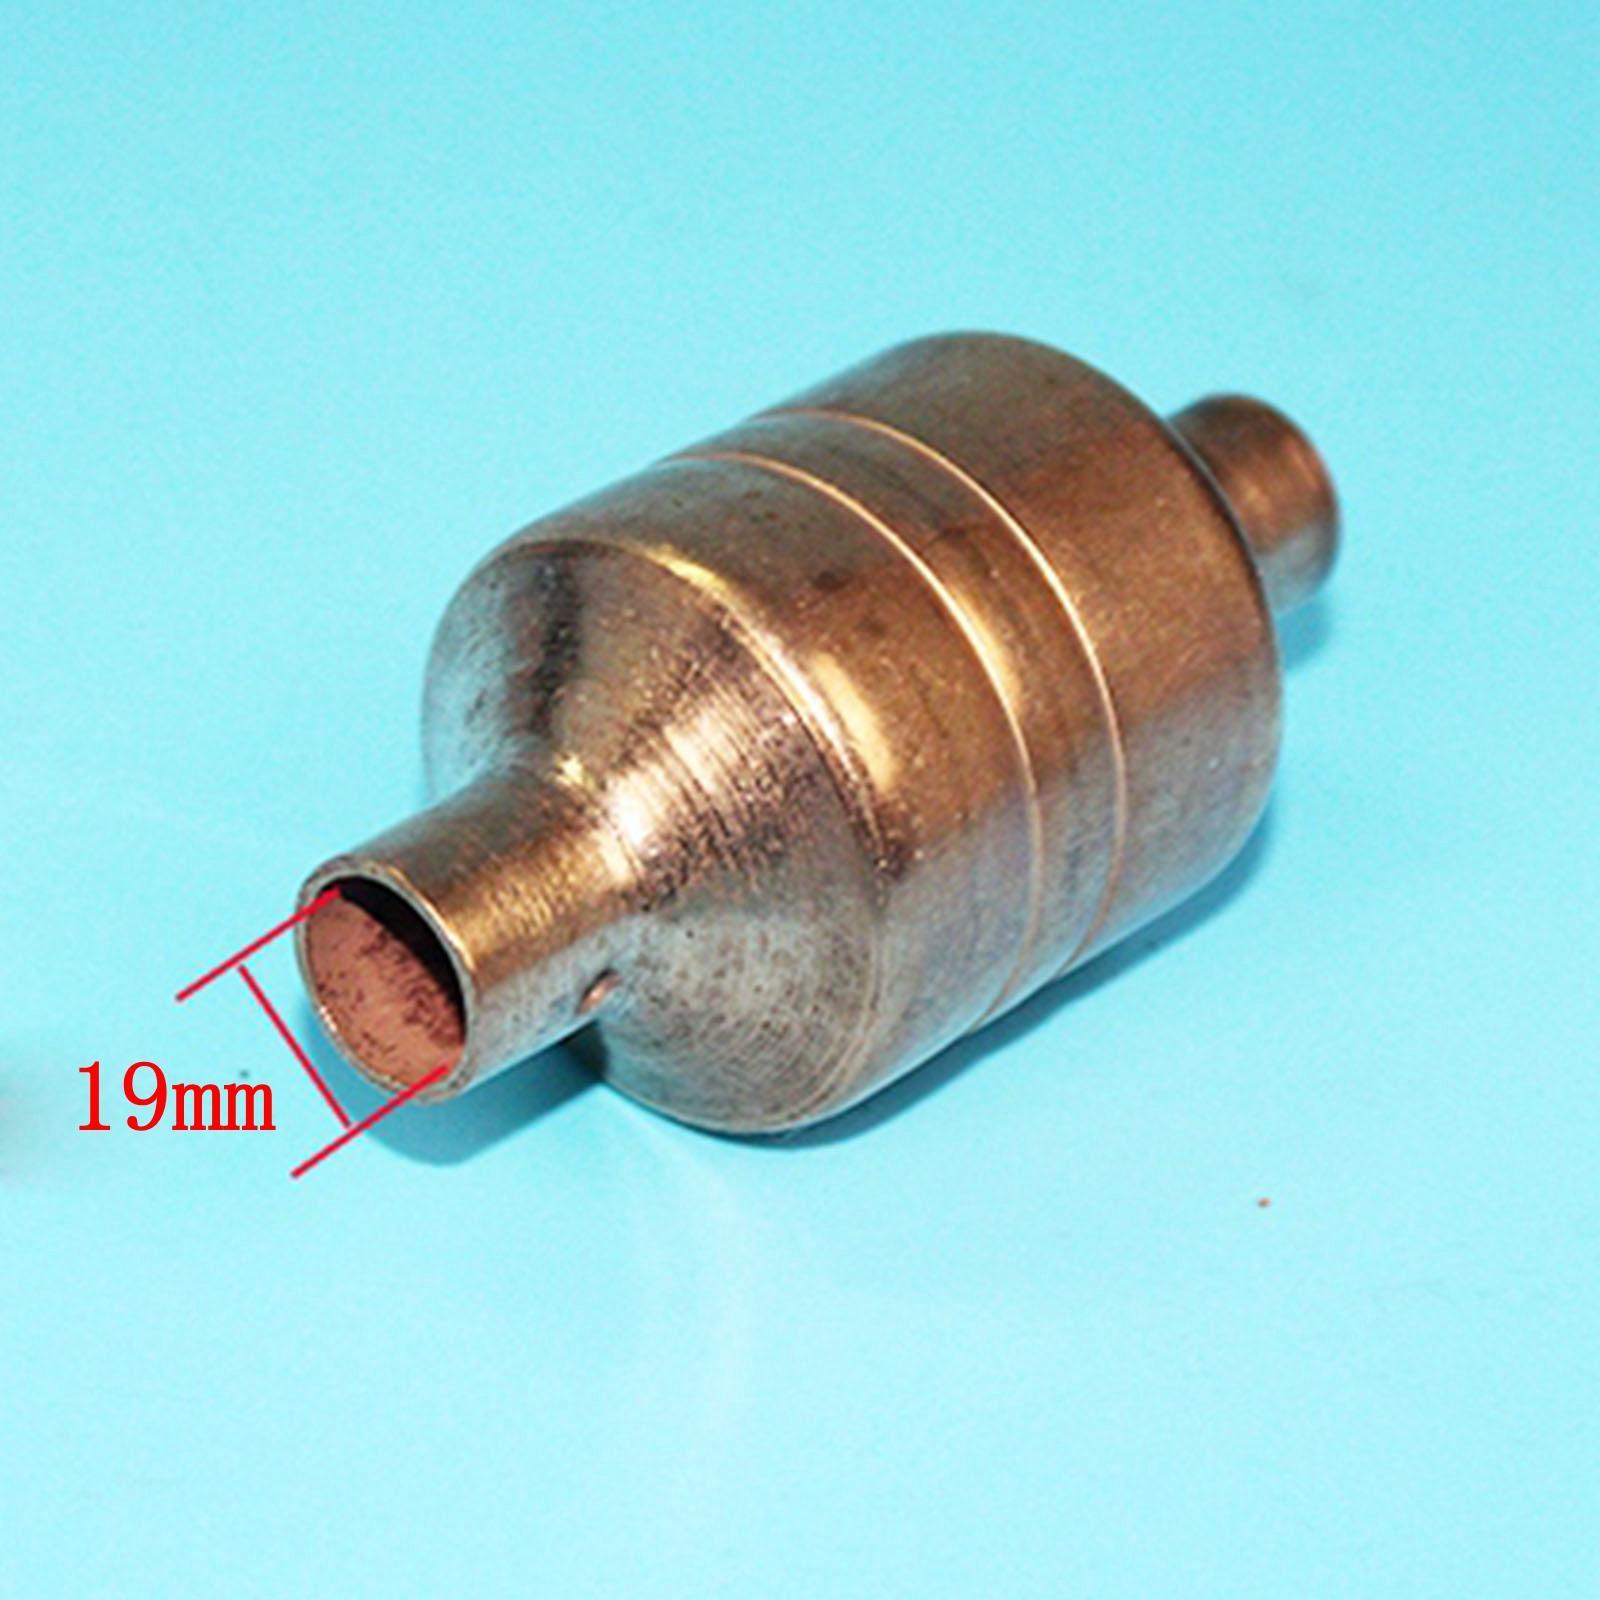 16mm Mund Durchmesser Solder Verbindung Luft Wärmepumpe Kupfer Filter Mit Bildschirm Kühler Teile Home